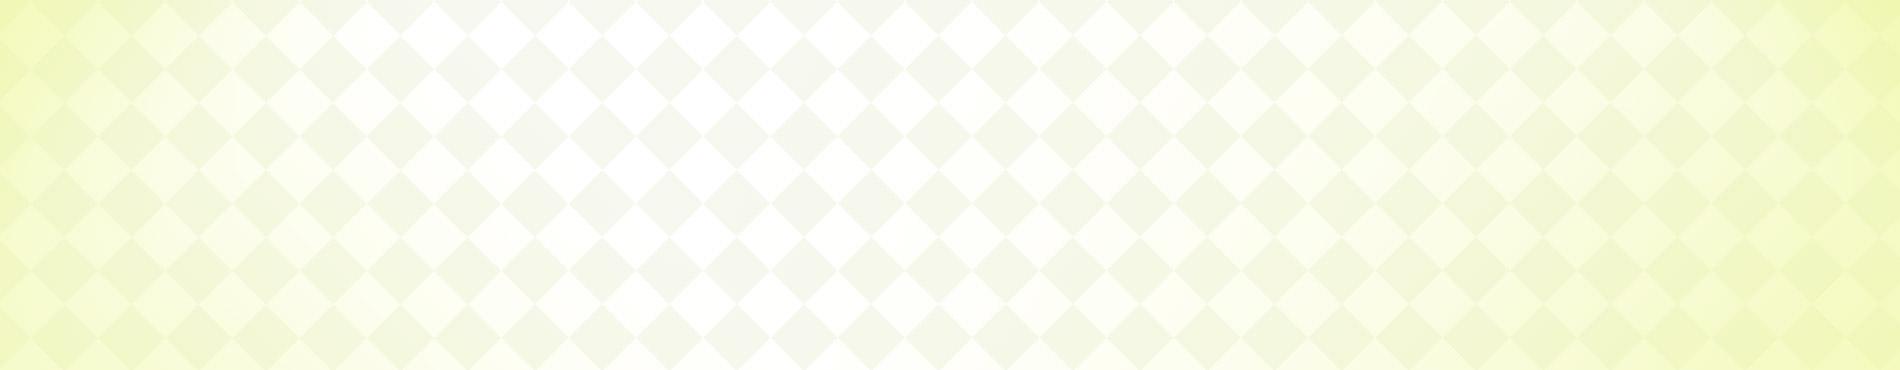 Chameleon_UFO_Site banner_Ver3